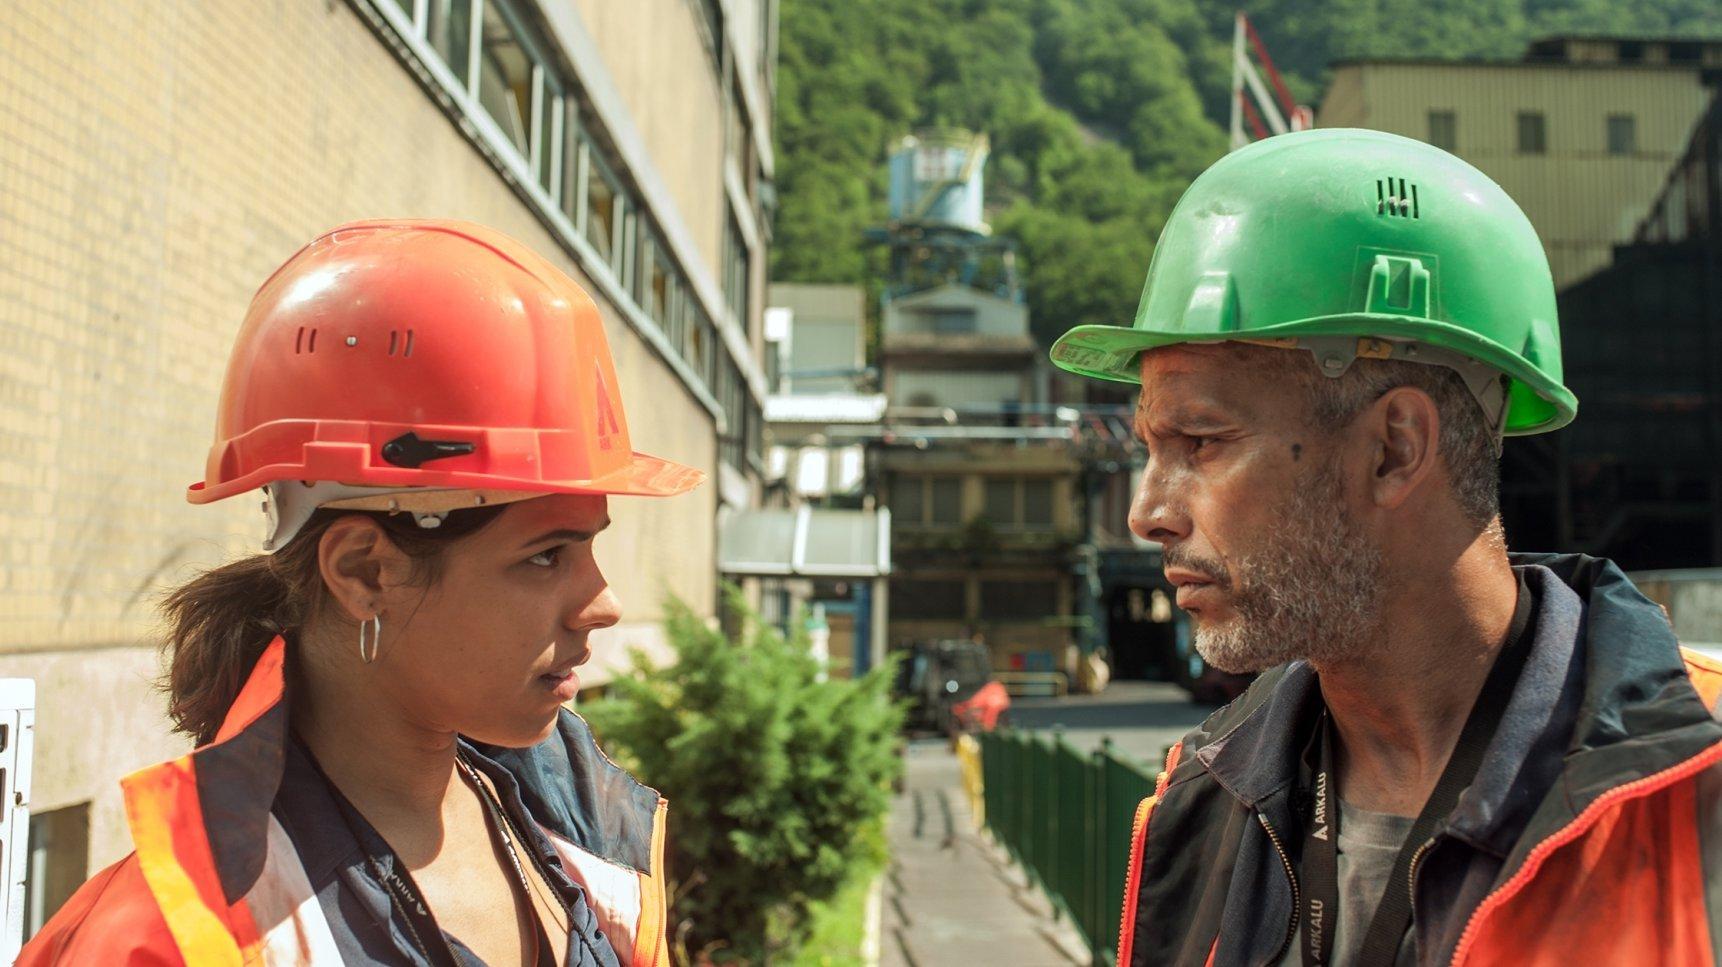 Nour va découvrir que tout le monde ferme les yeux sur les déchets chimiques rejetés par l'usine où travaille son père…